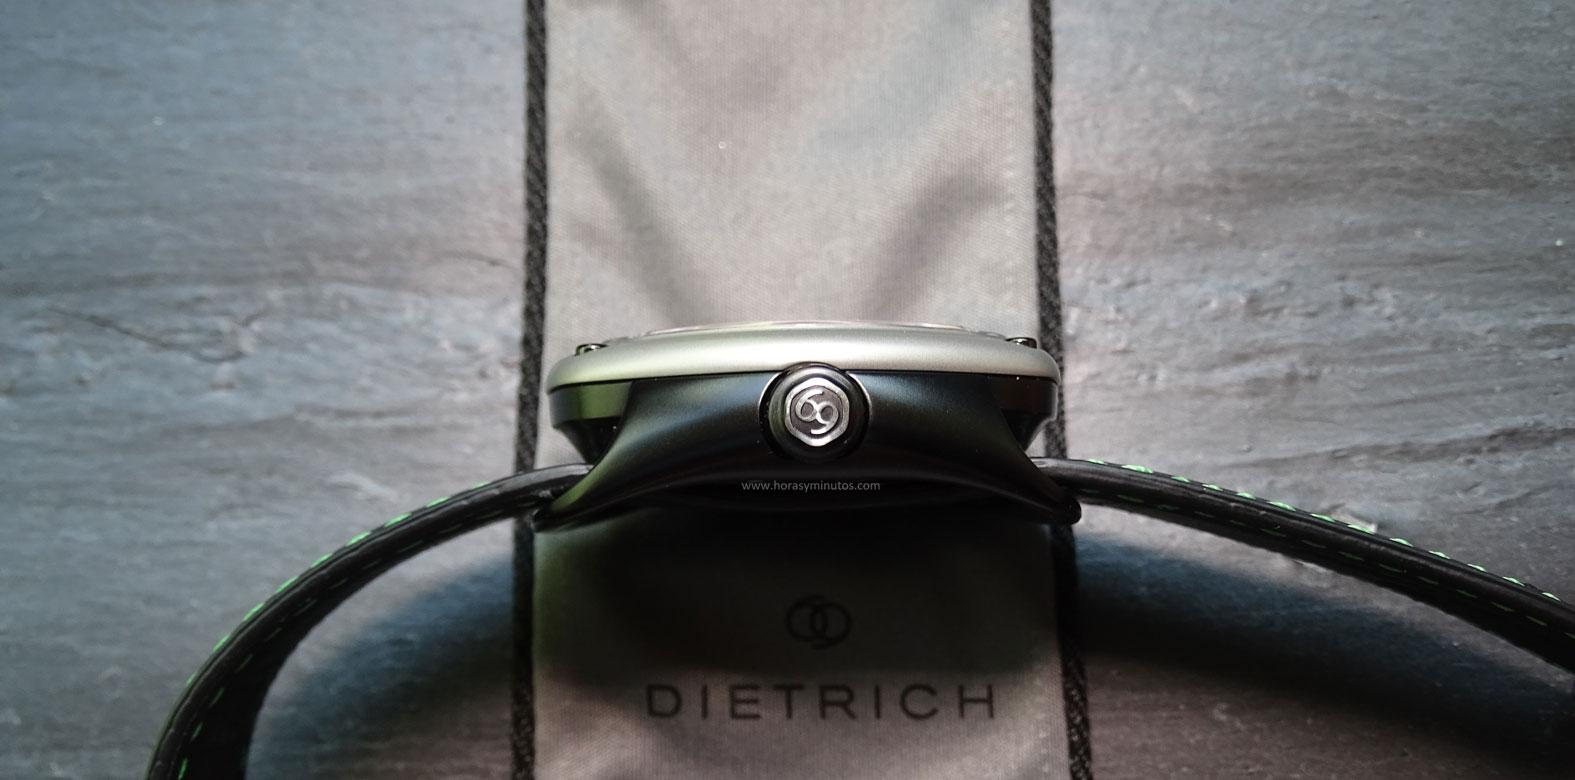 Dietrich OT 1. Se puede observar cómo la corona conserva el 69 del nombre original de la empresa